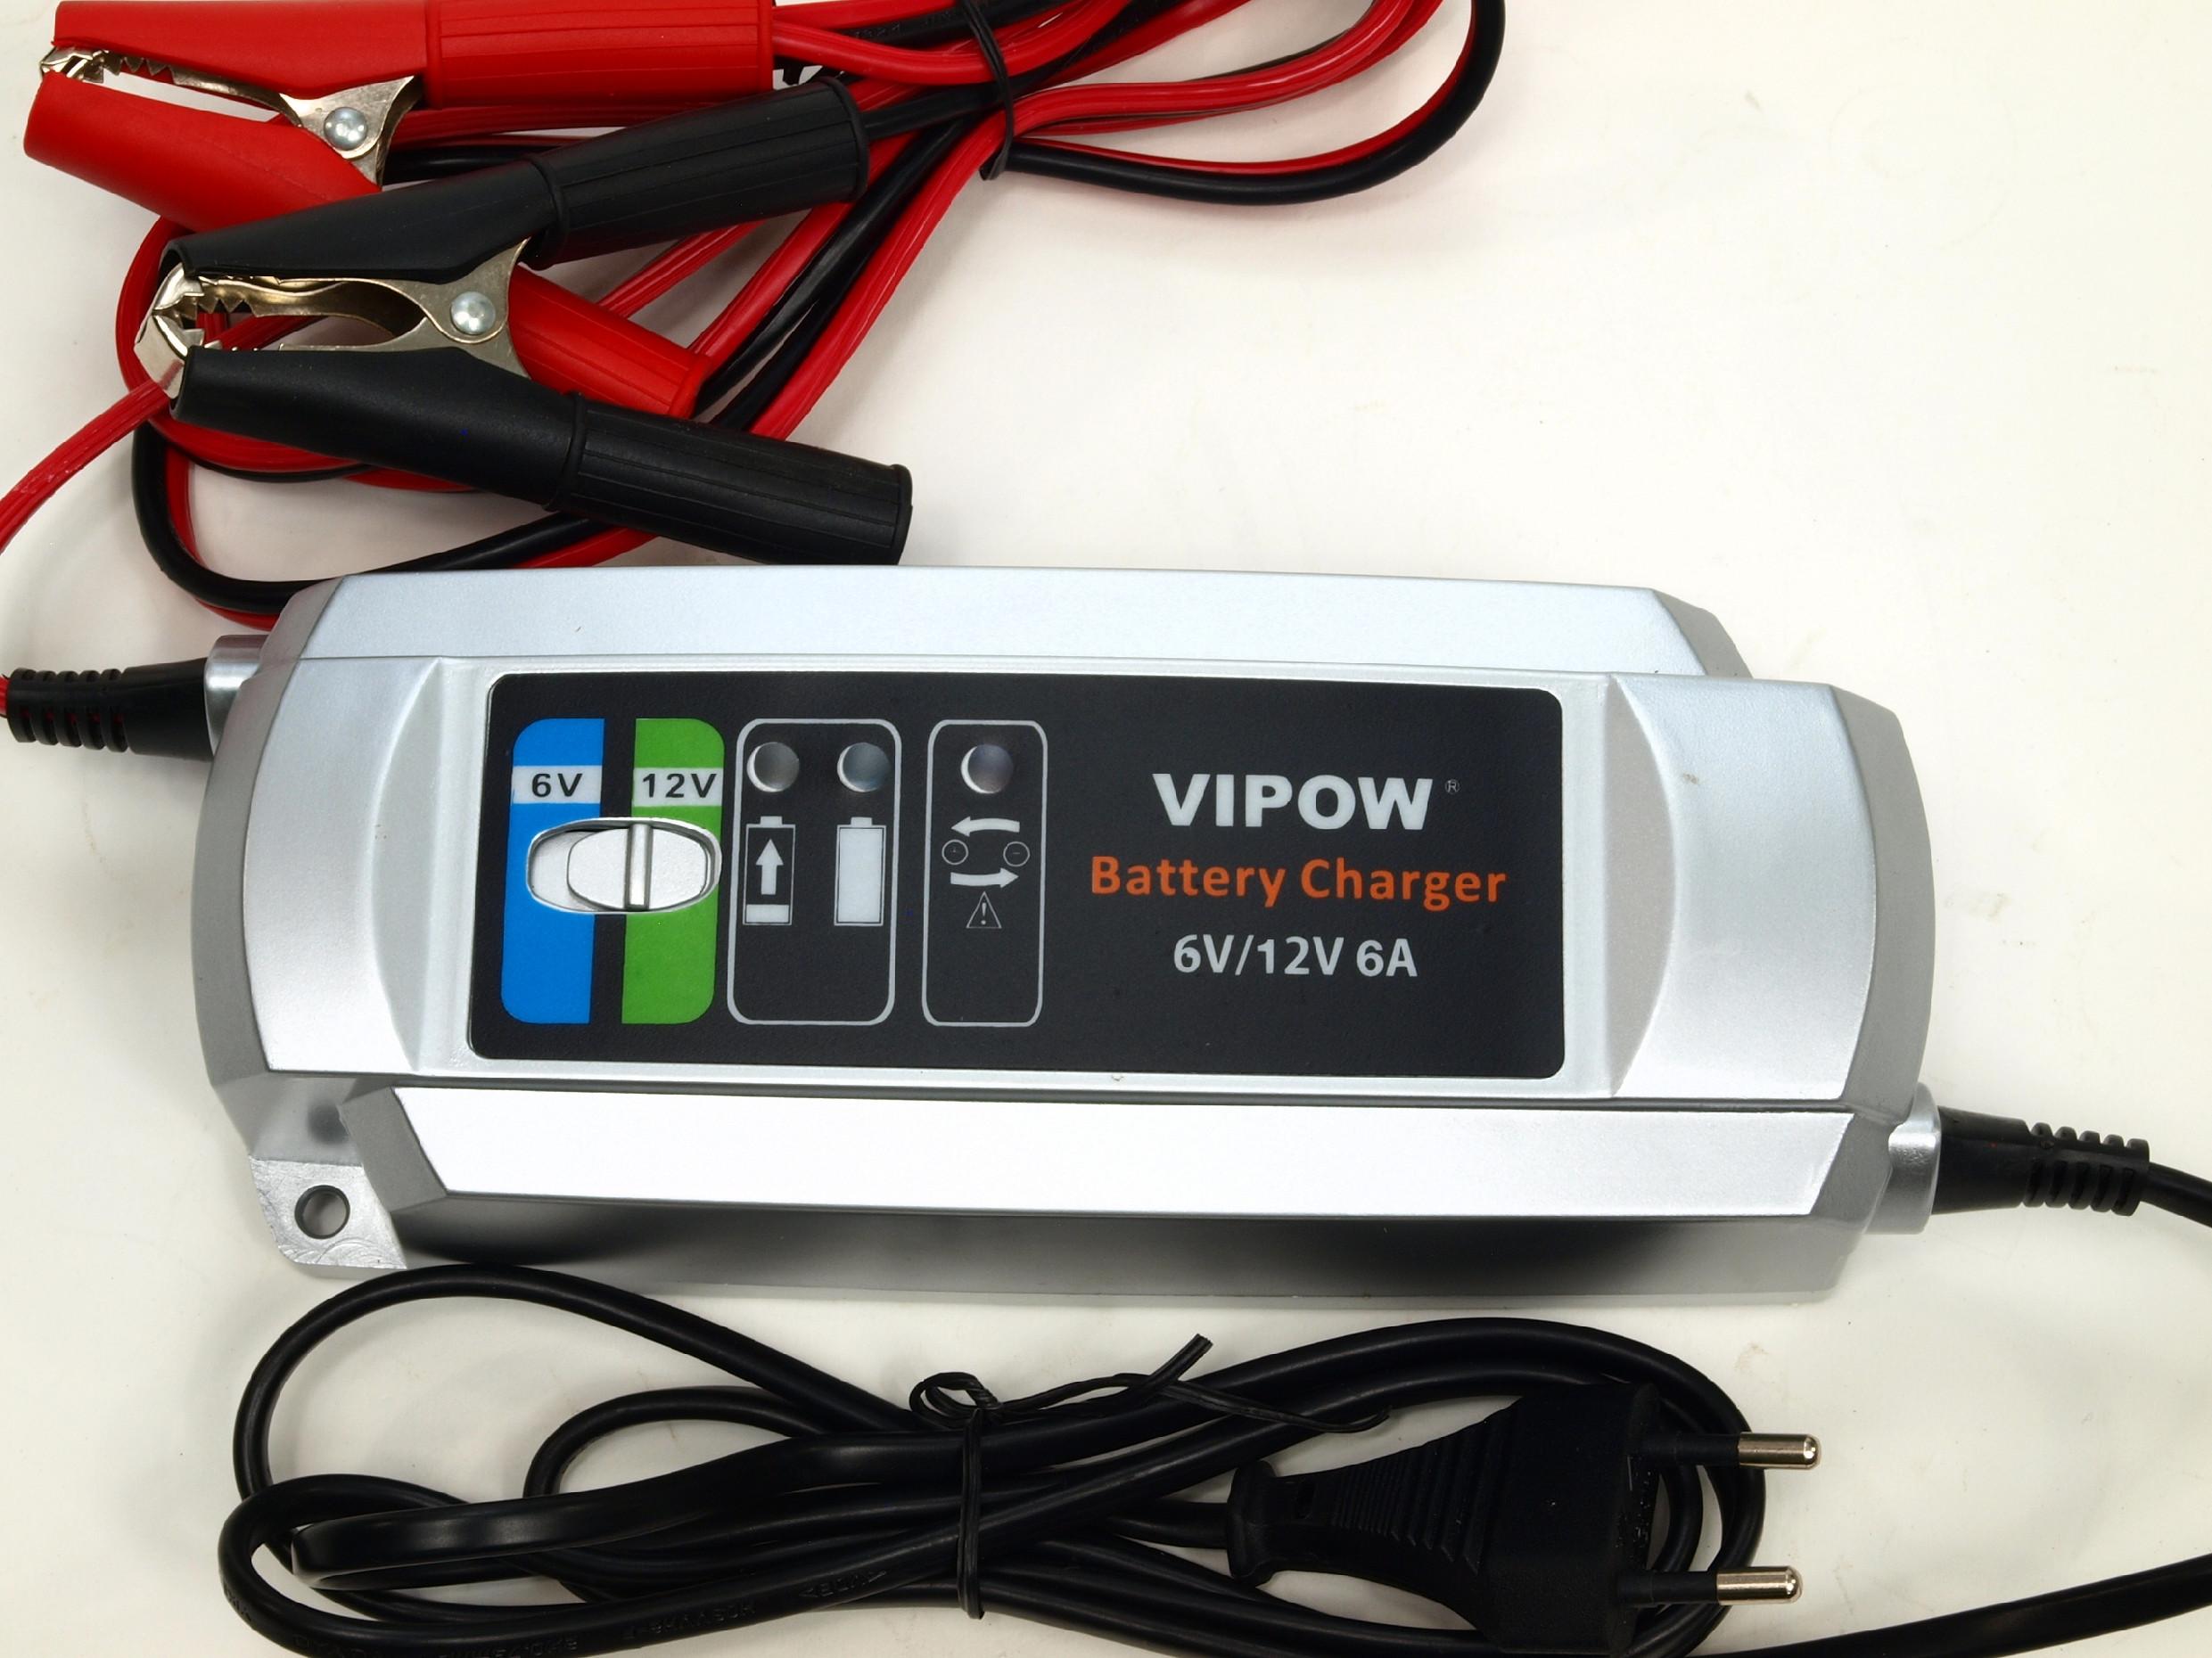 Nabíječka všech typů 6V a 12V baterií s kapacitou 12-150 Ah, plně automatická,